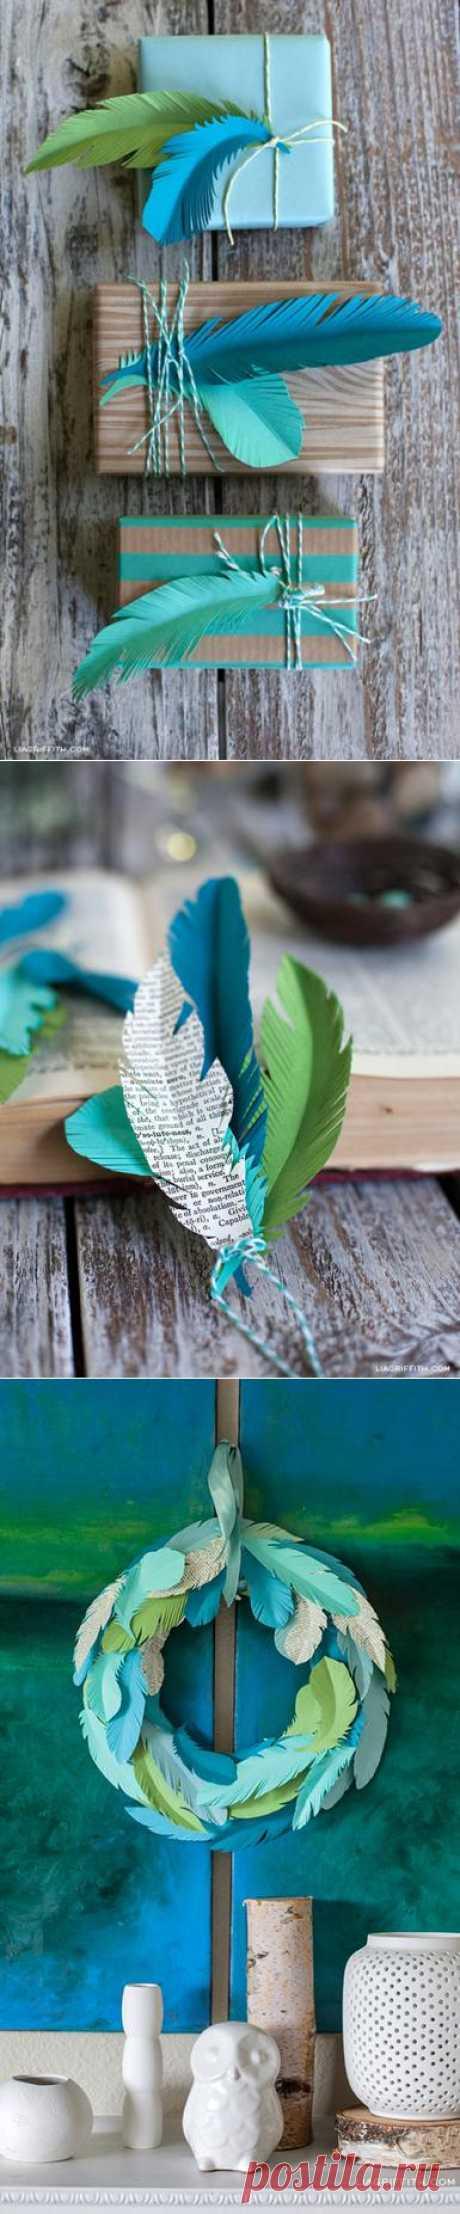 Las plumas hermosas del papel. Los modelos de las plumas